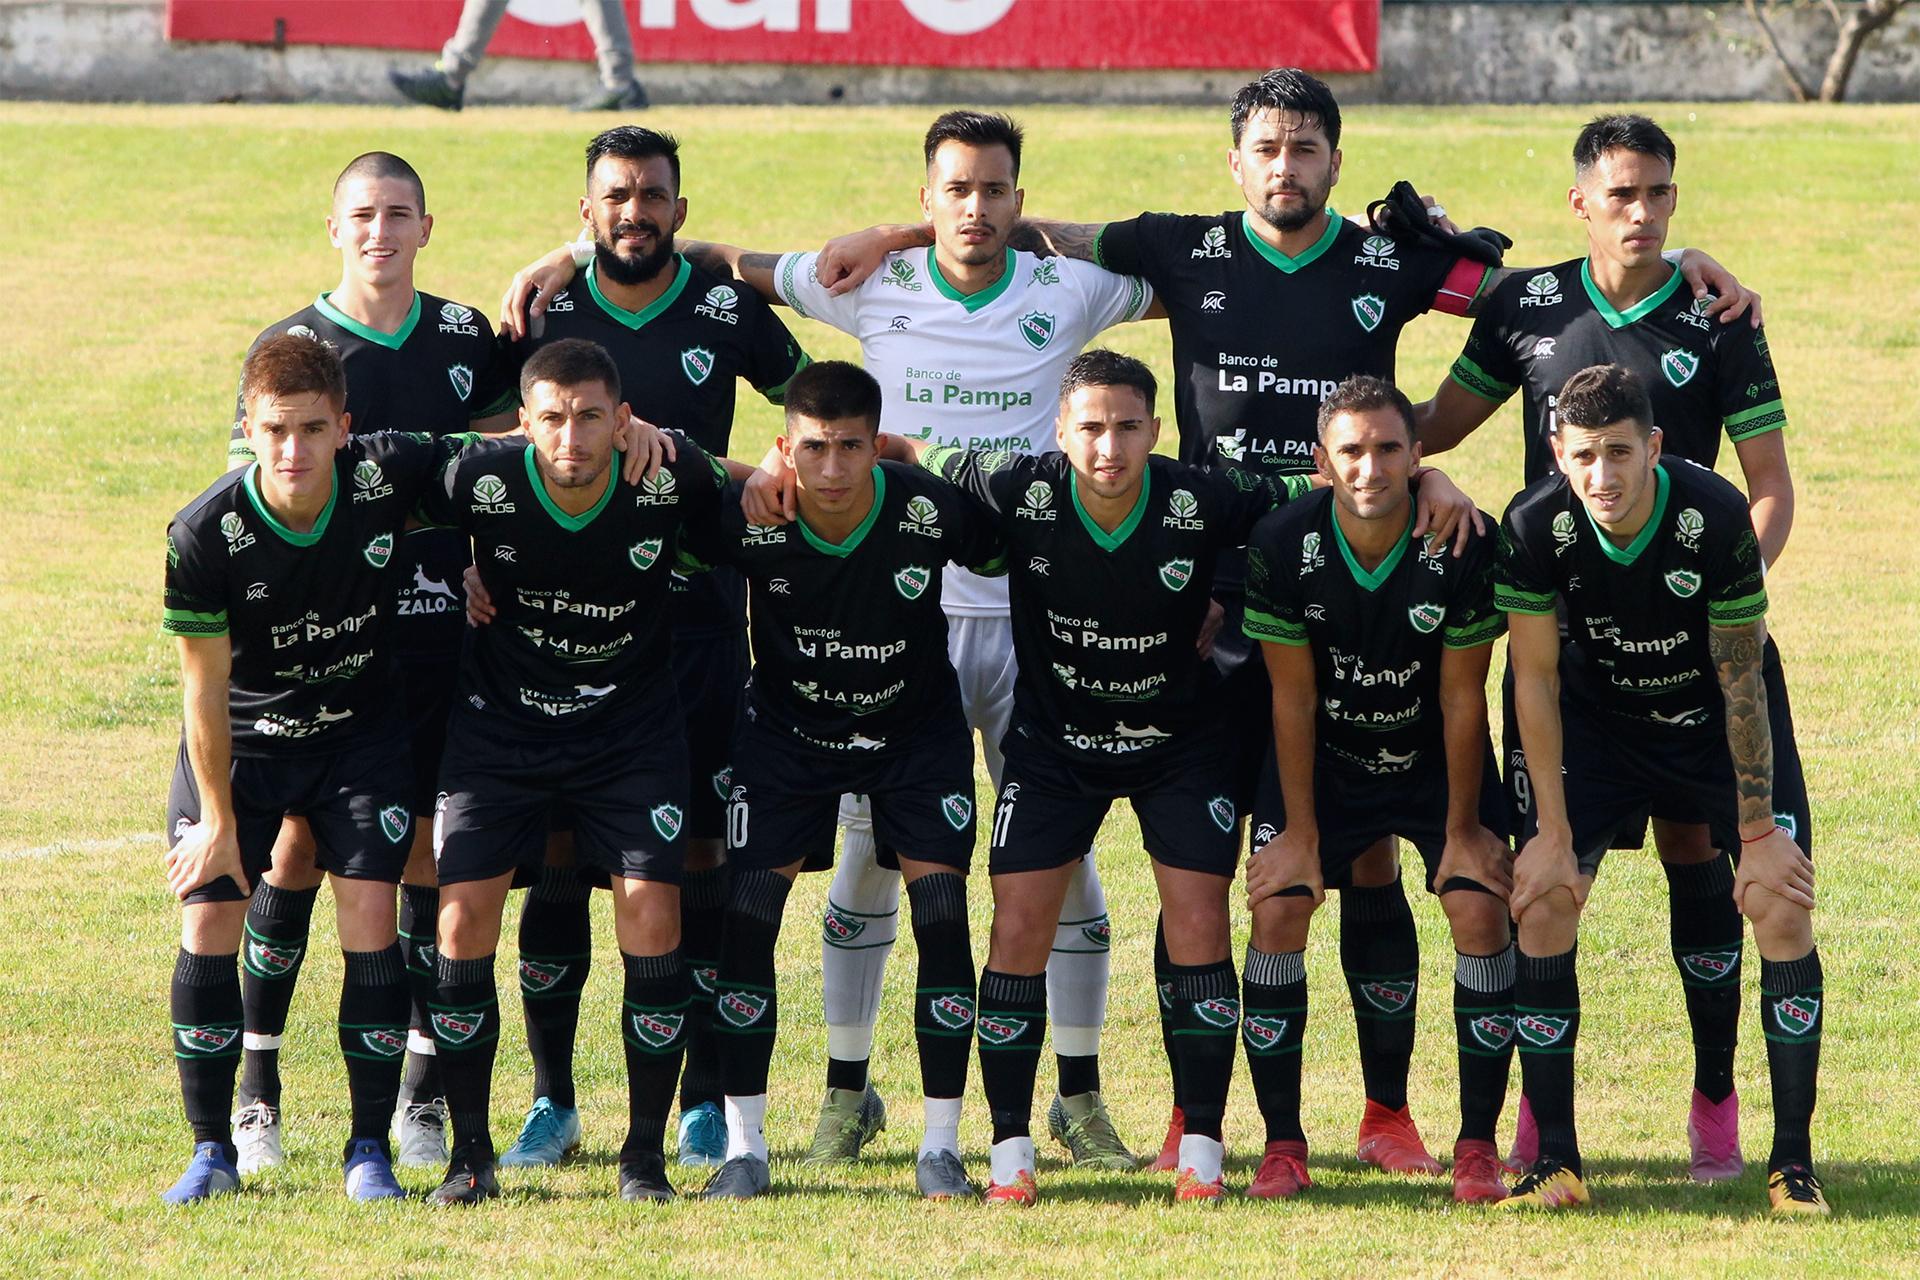 OFICIAL: Se suspende el fútbol  hasta el 30 de mayo y Ferro no viaja a Río Negro